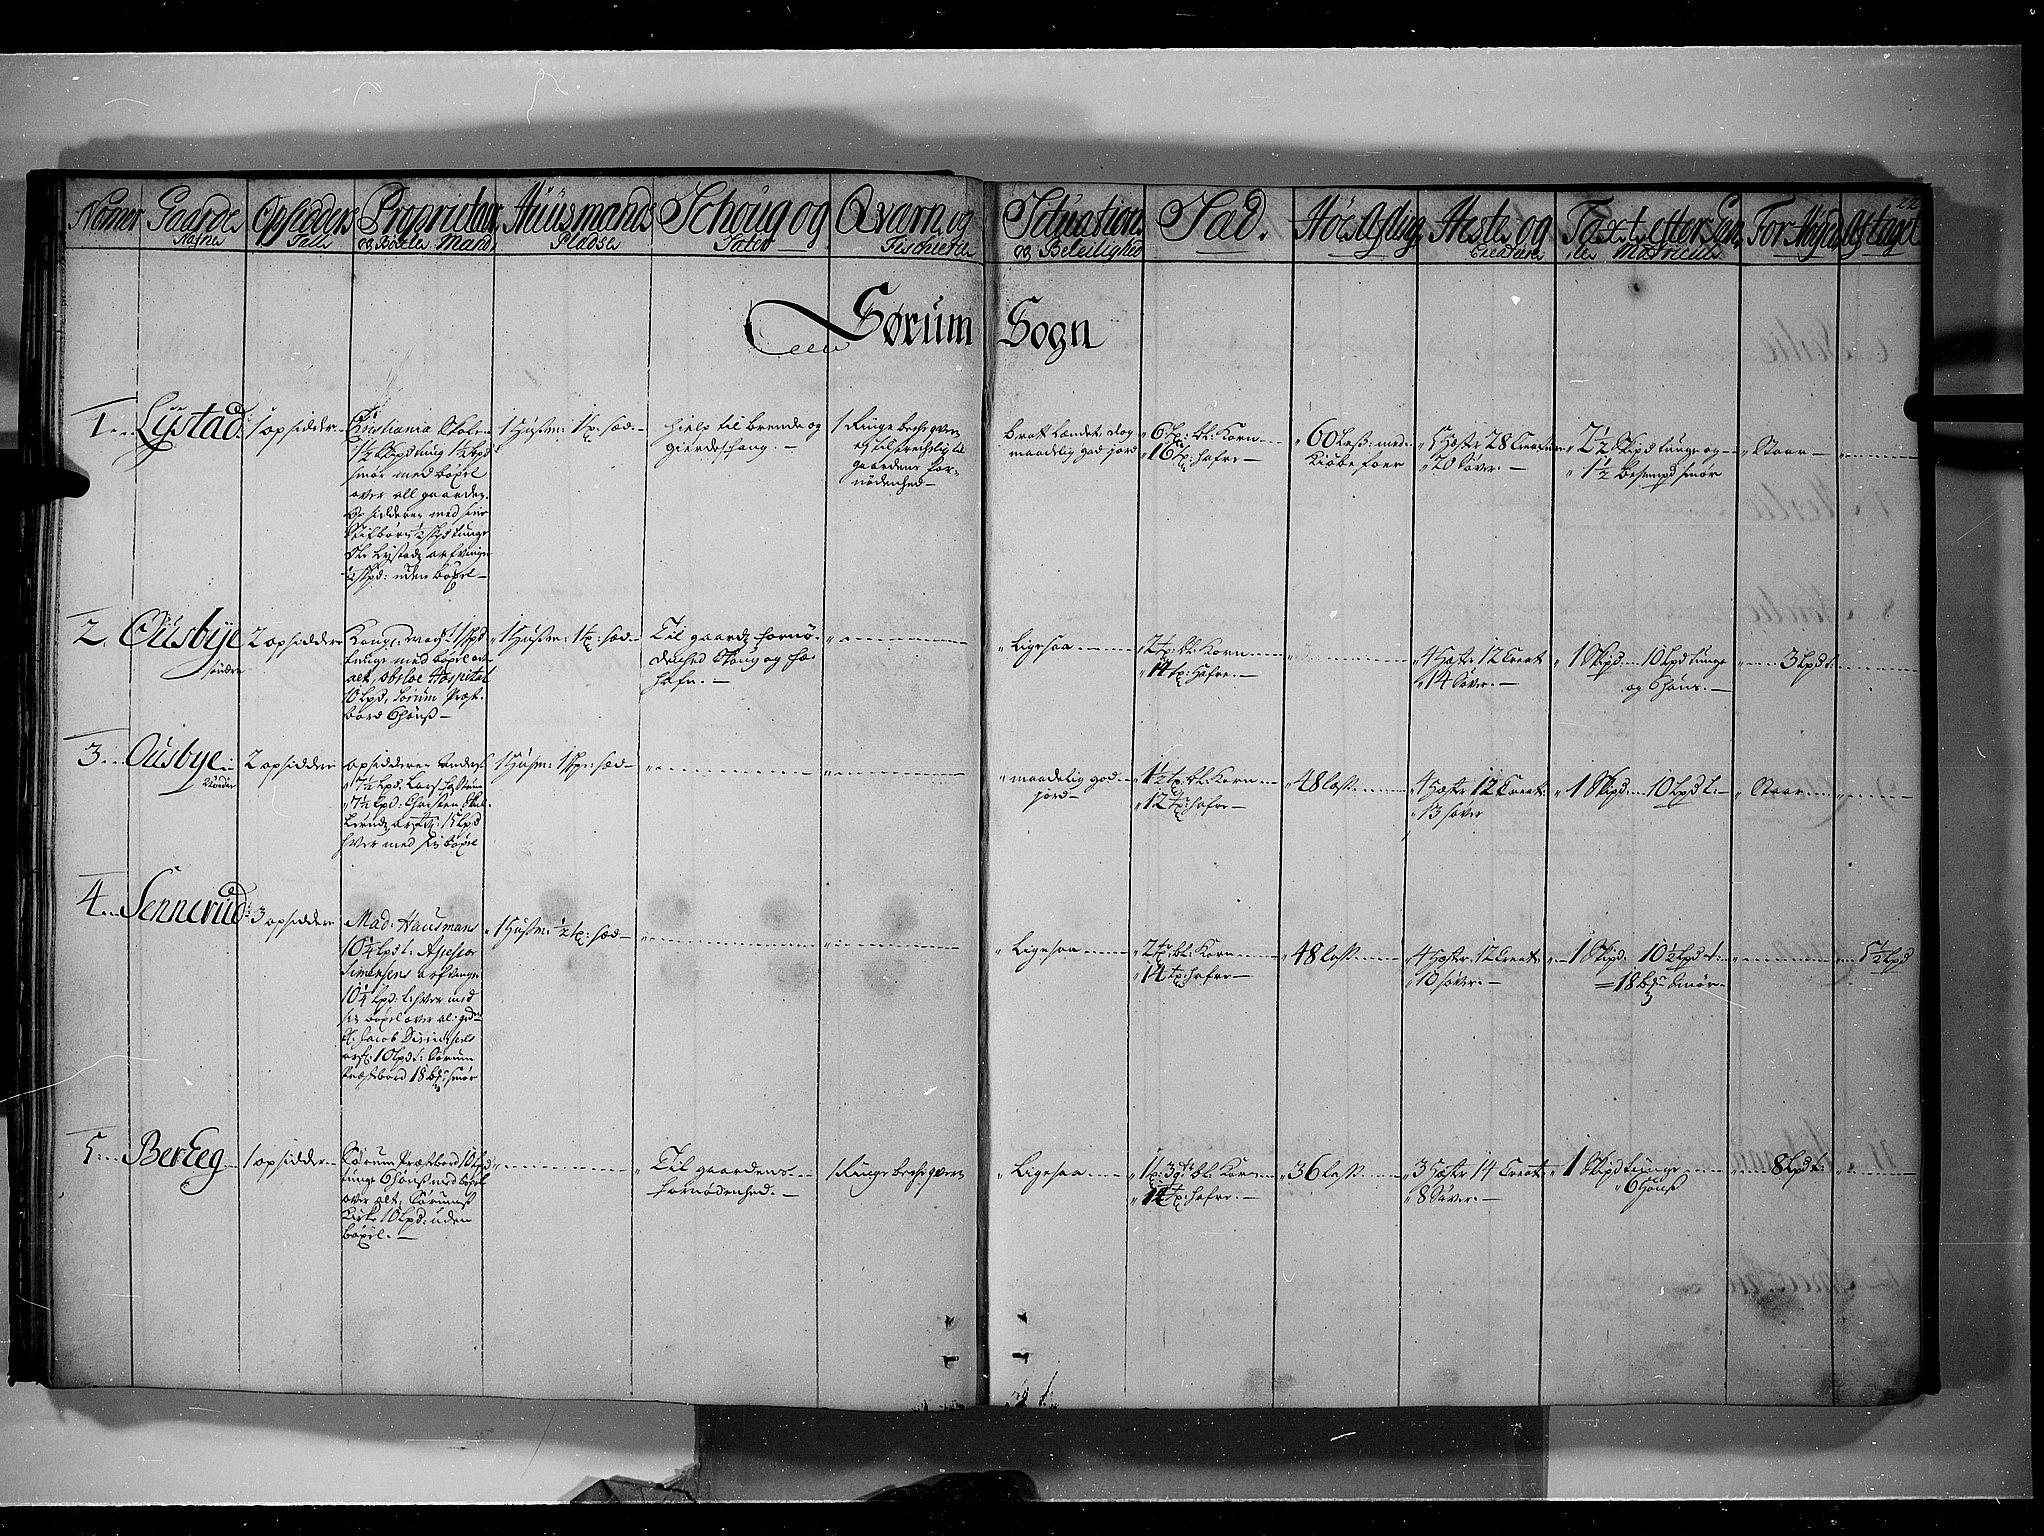 RA, Rentekammeret inntil 1814, Realistisk ordnet avdeling, N/Nb/Nbf/L0091: Nedre Romerike eksaminasjonsprotokoll, 1723, s. 21b-22a